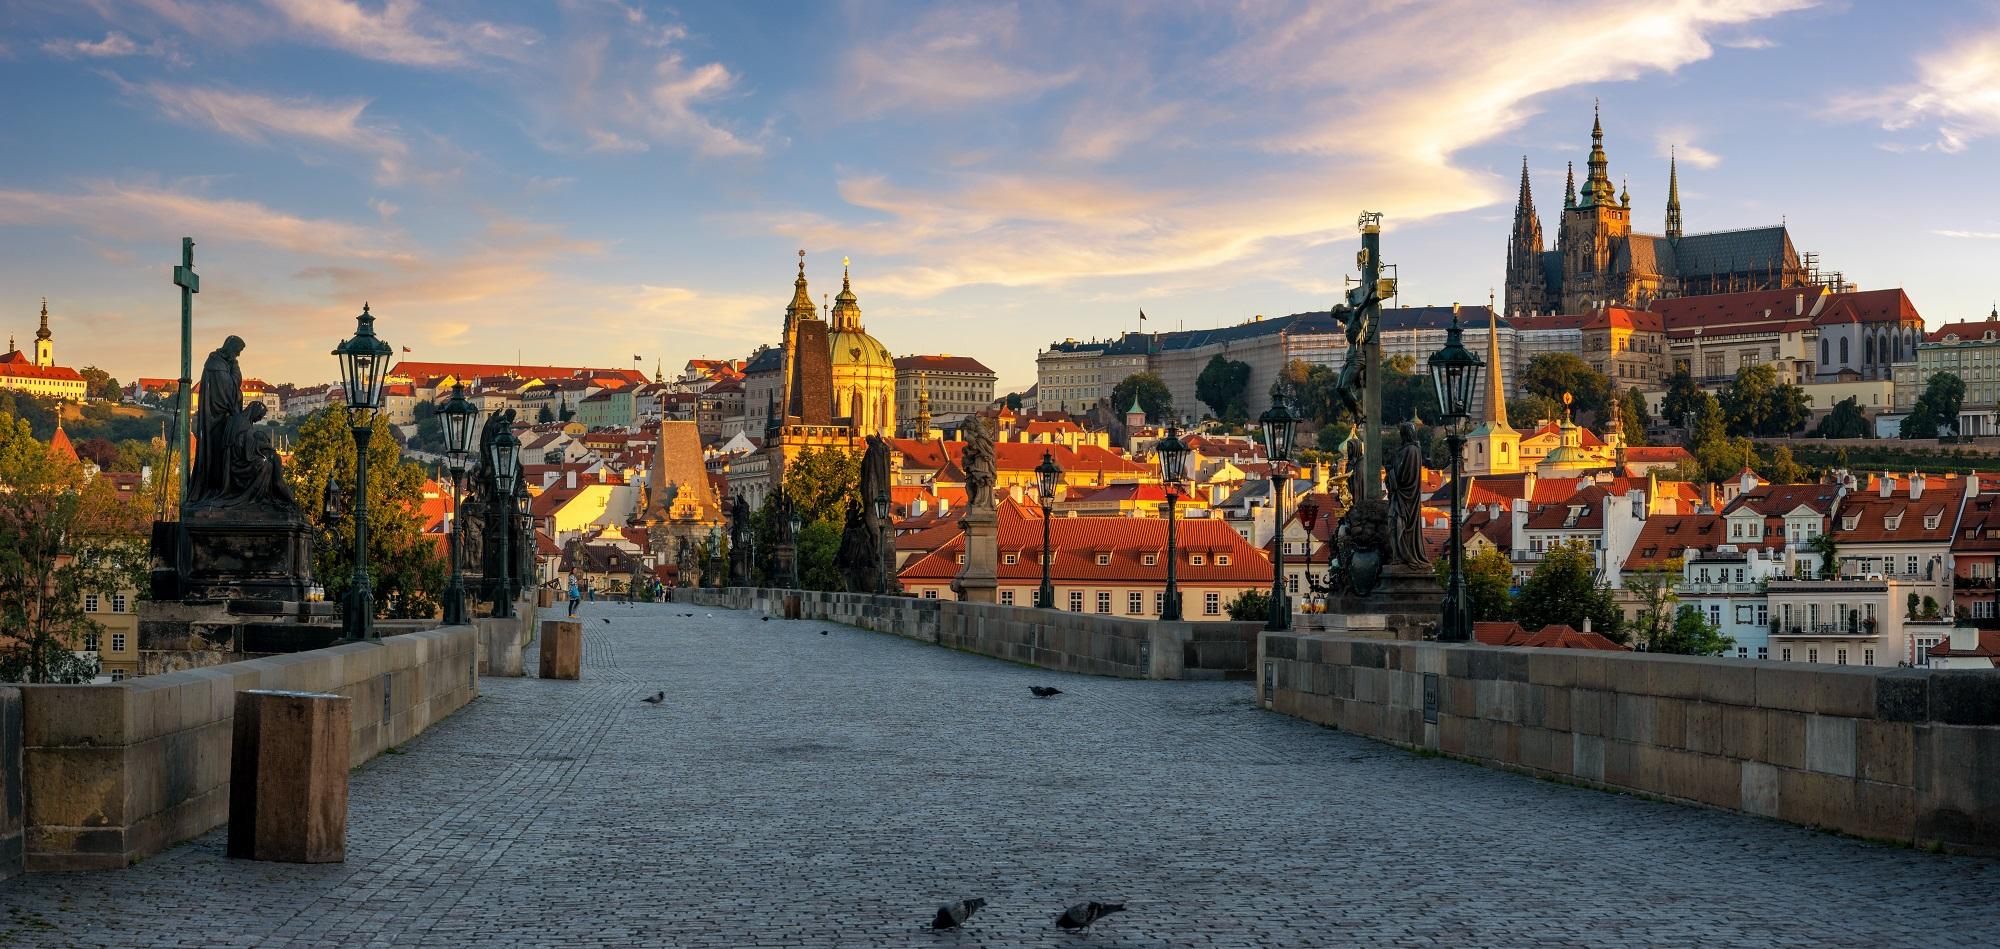 Potvrzeno! Praha je nejkrásnějším městem planety